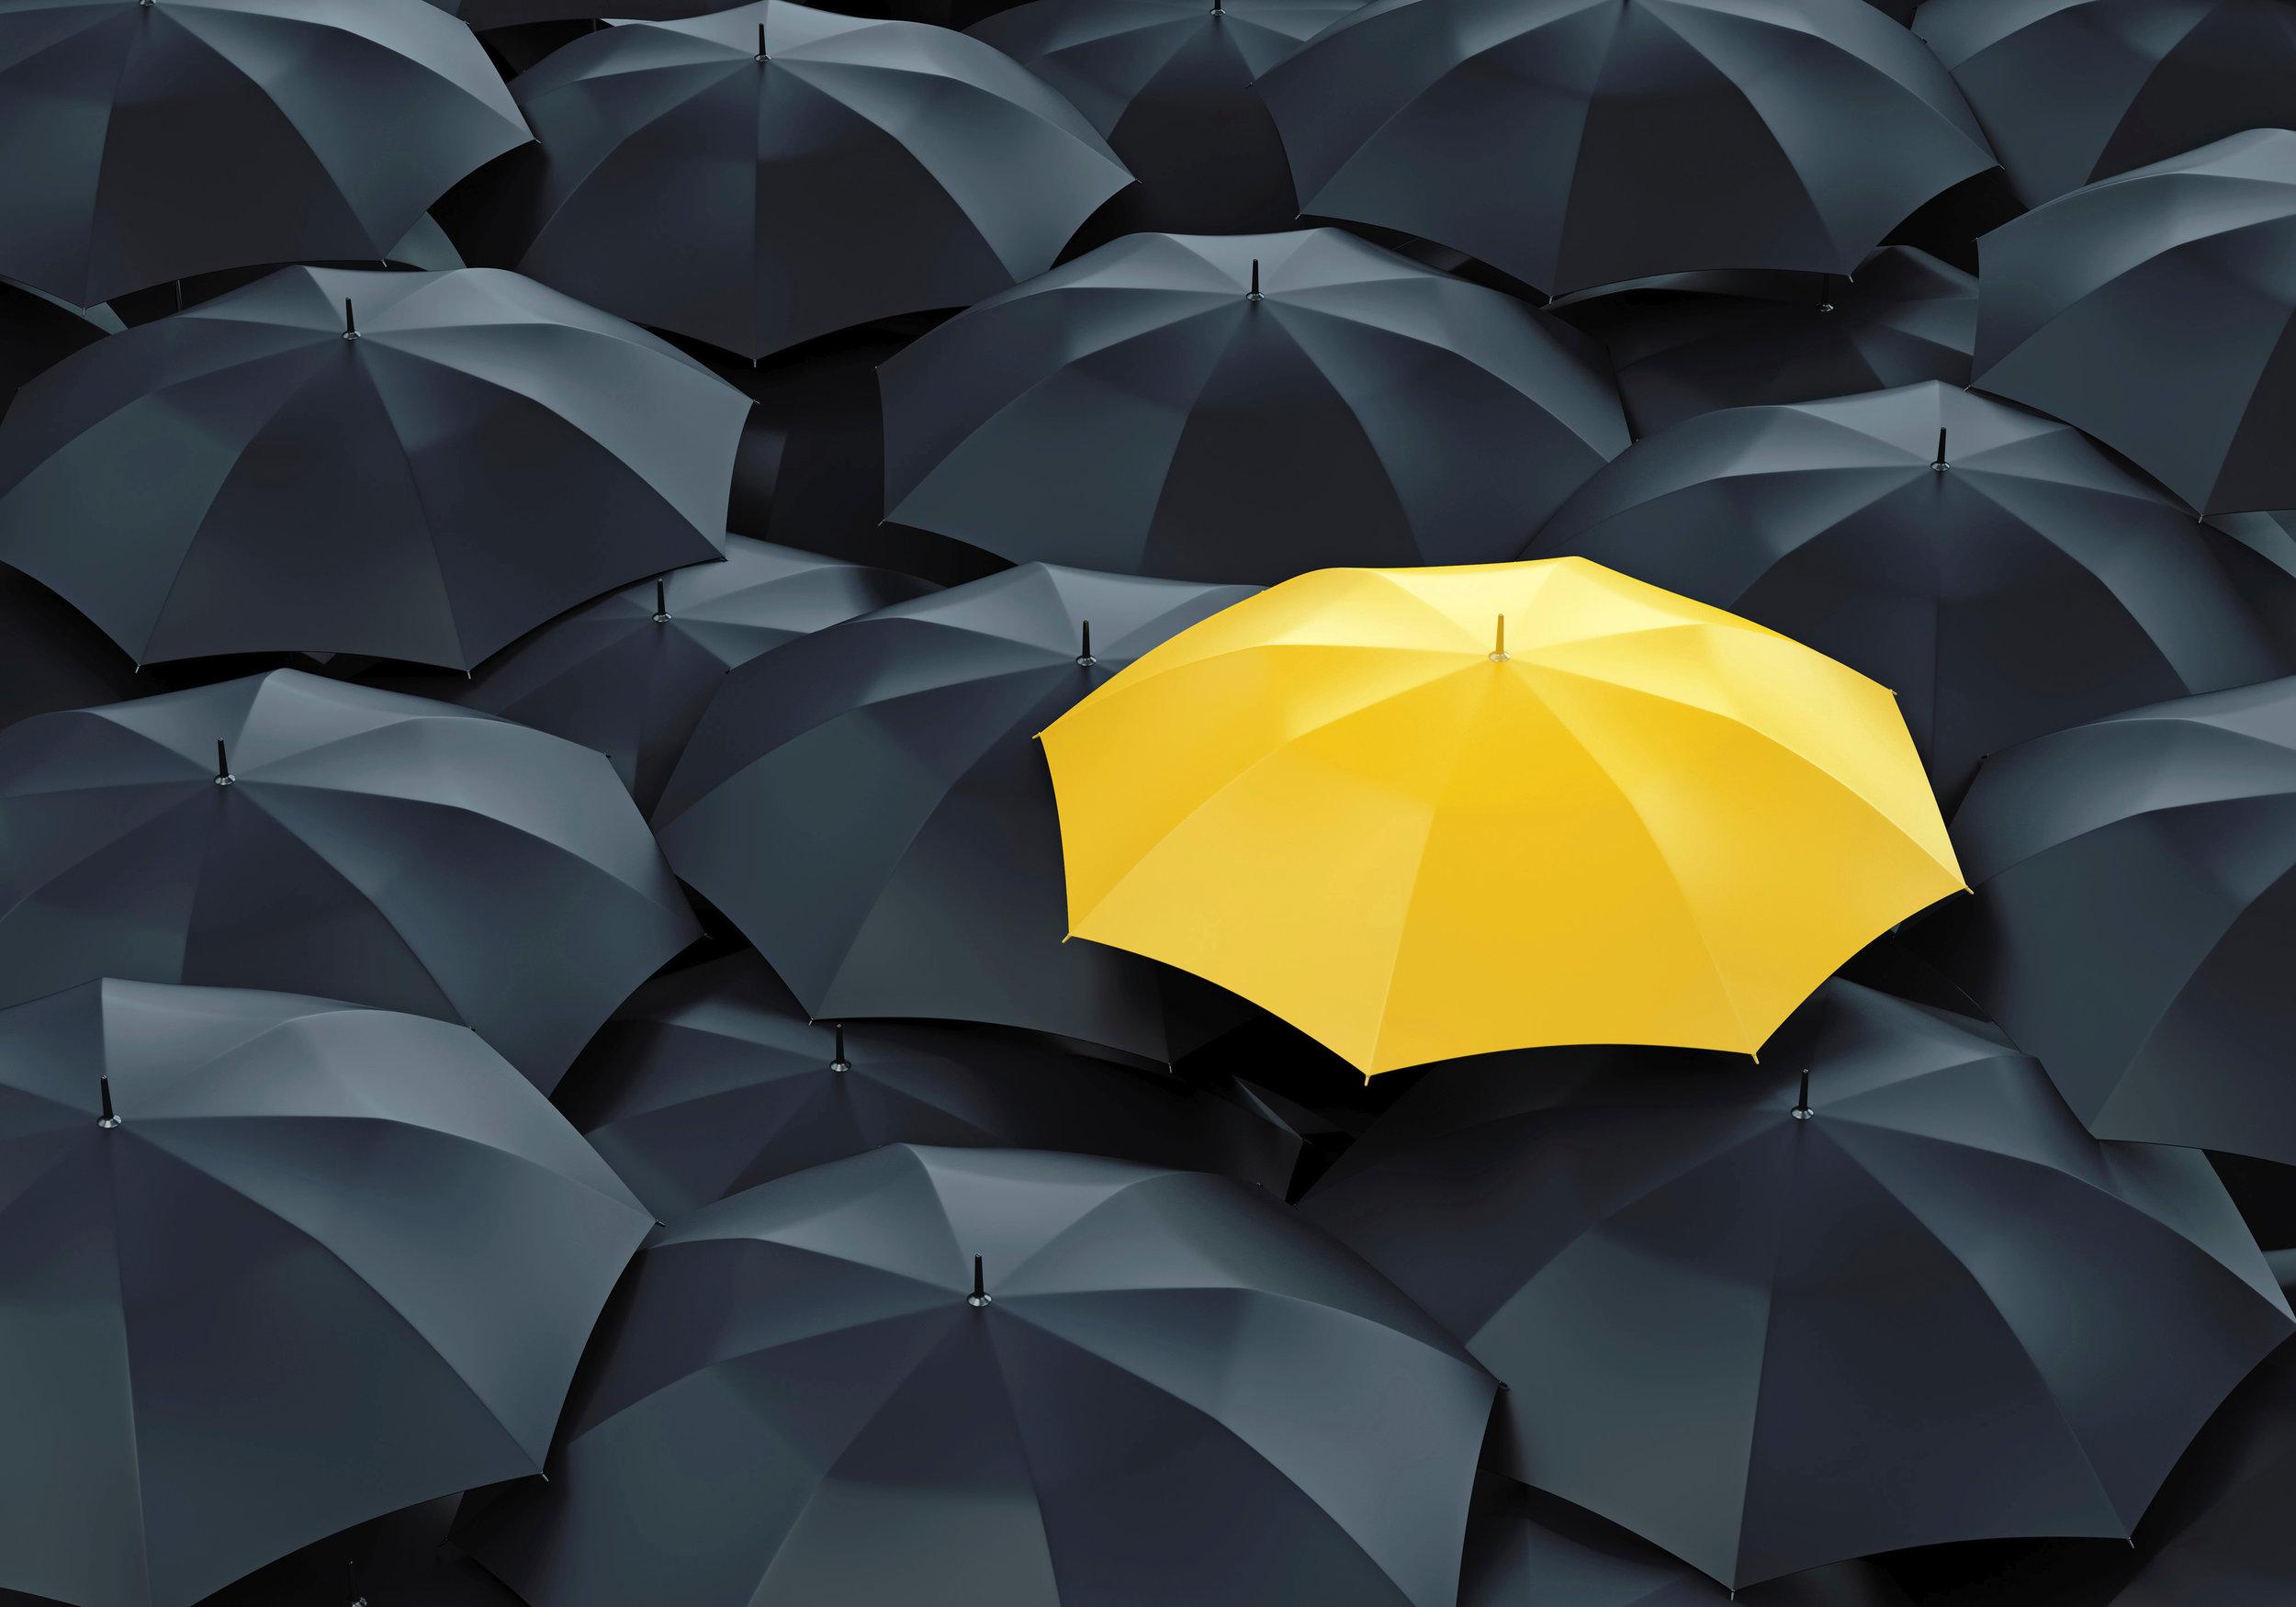 Yellow-umbrella-among-dark-ones-000068293407_Large.jpeg